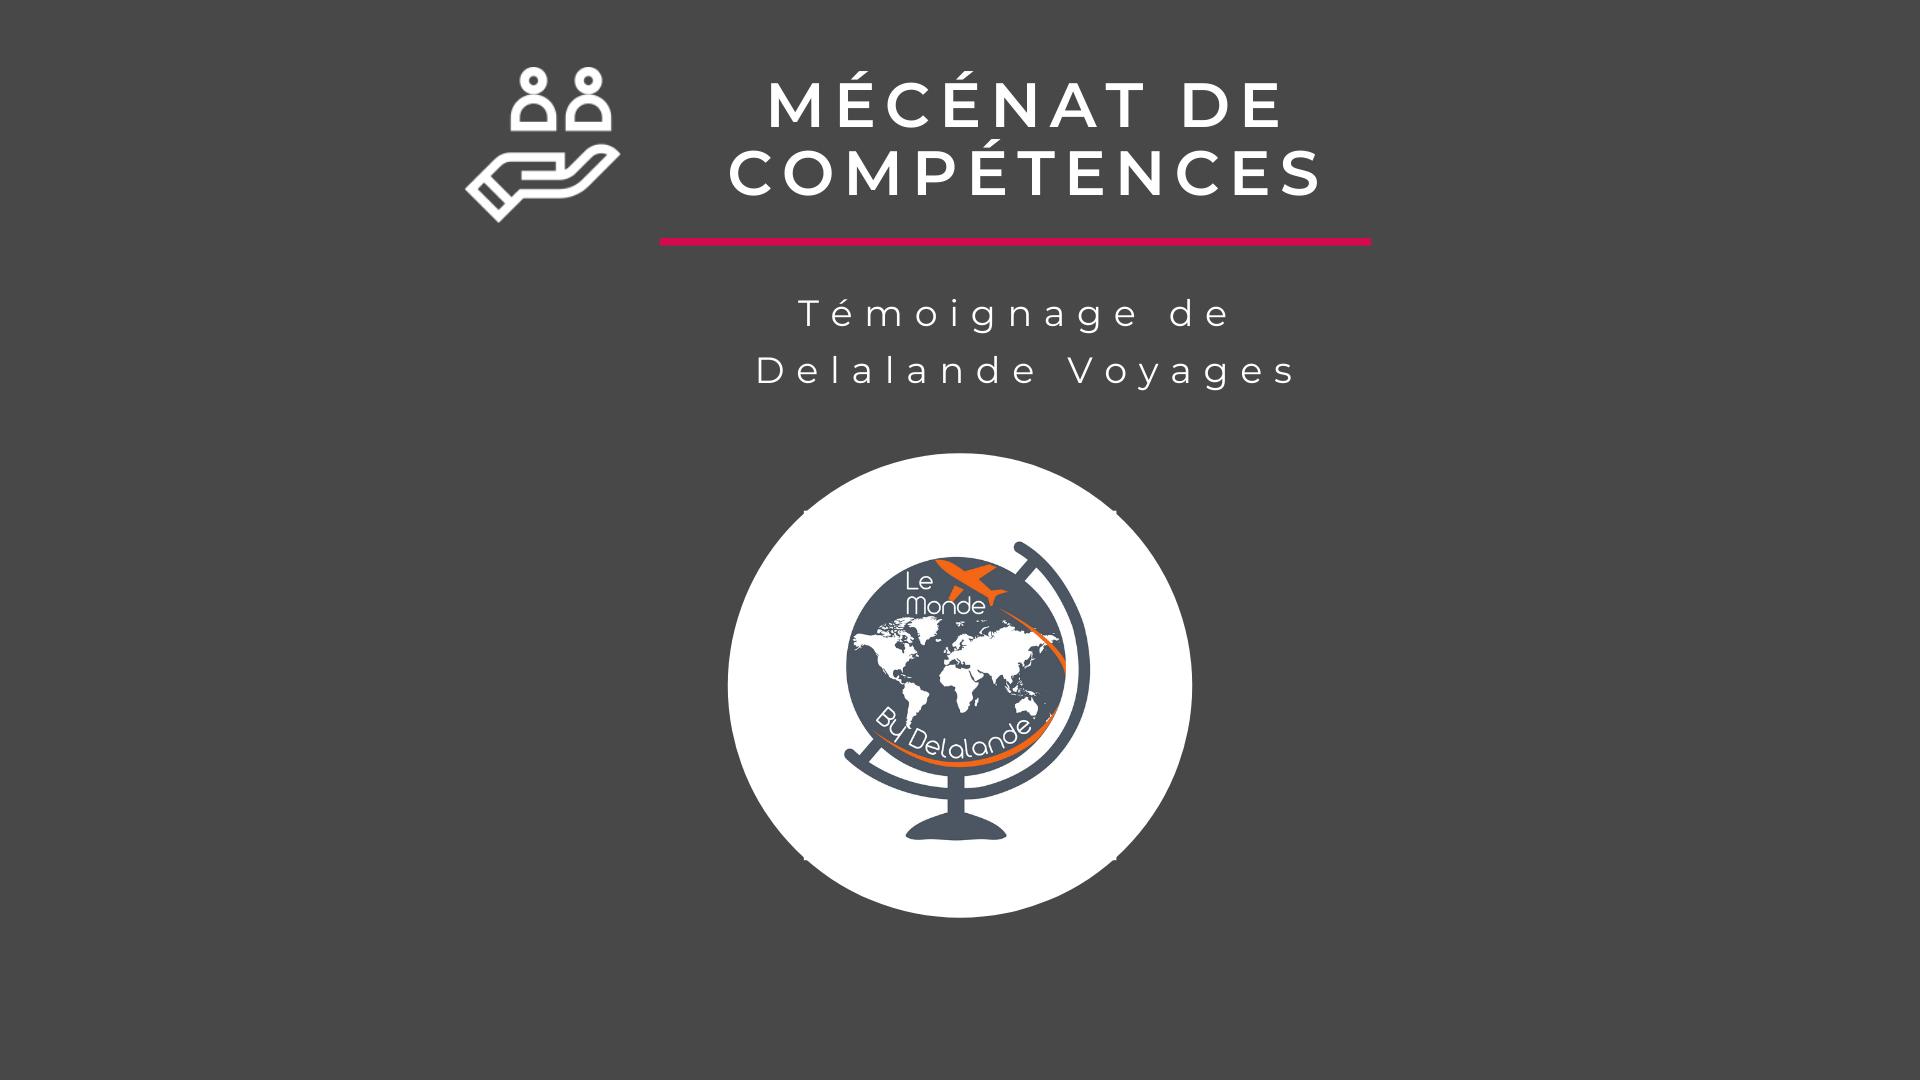 Mécénat de compétences : le retour d'expérience de « Delalande Voyages »